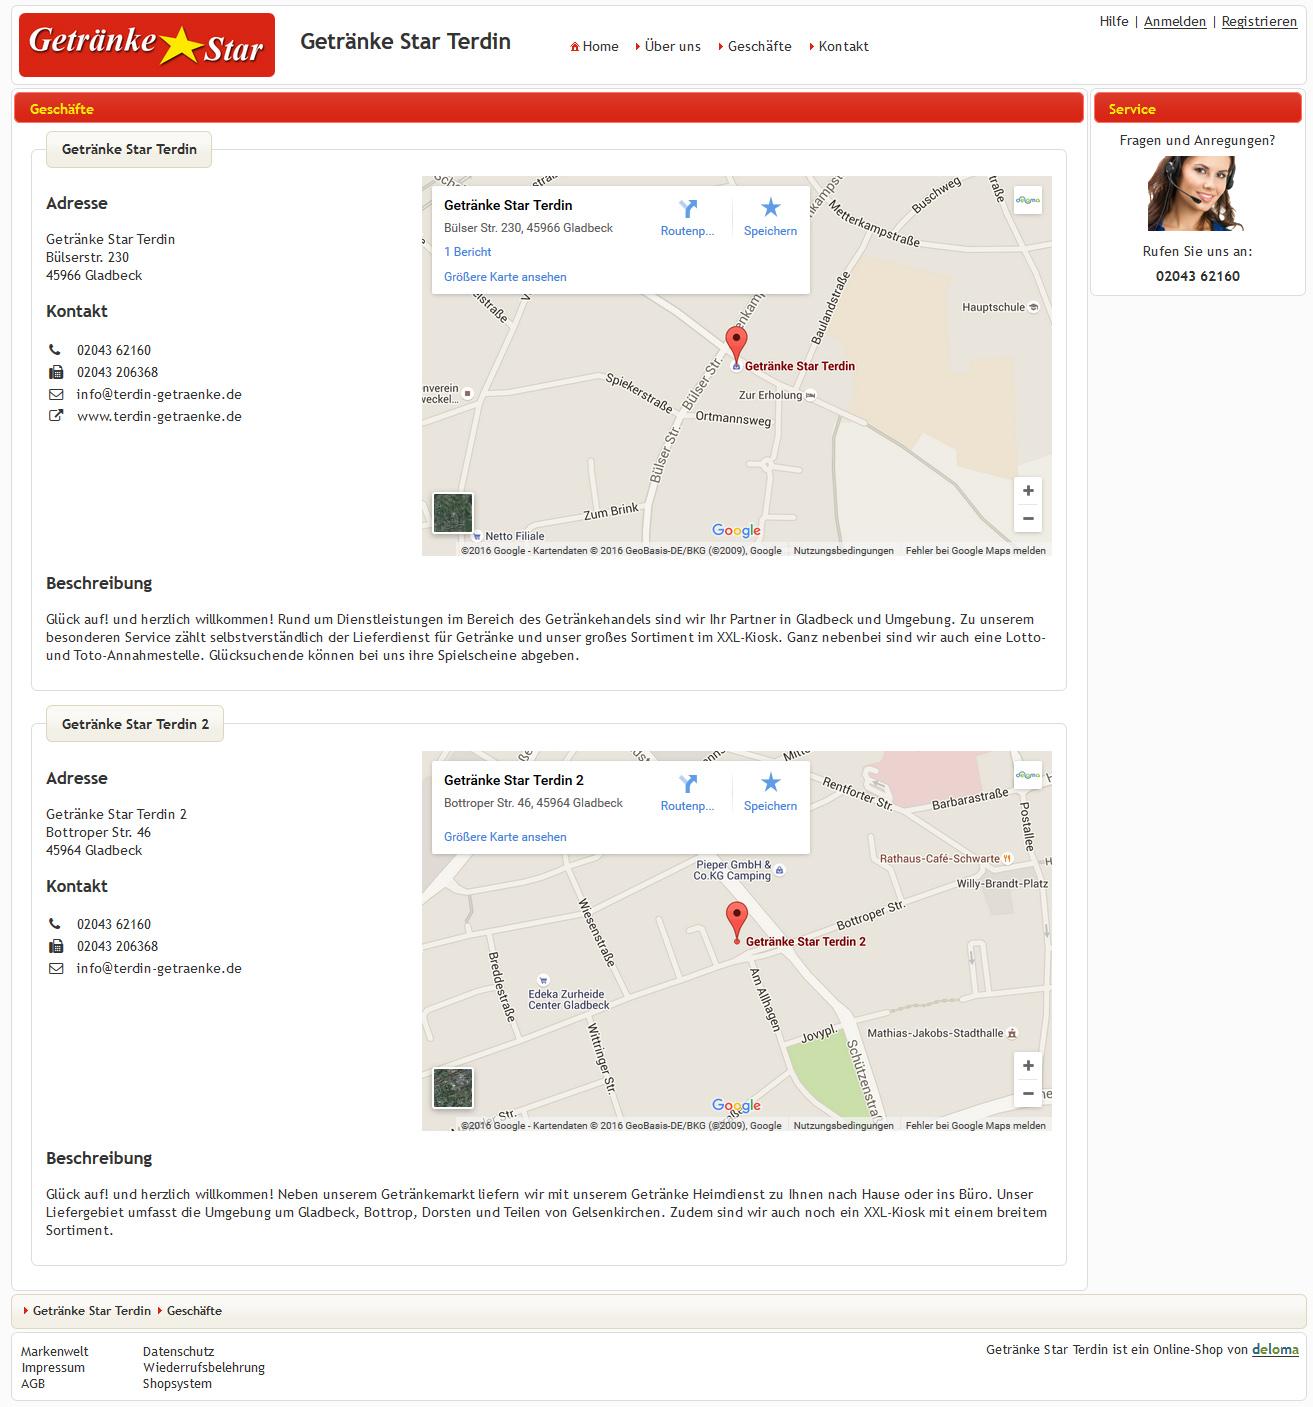 Shopseite mit Auflistung mehrerer Geschäfte (Standorte, Filialen, Shops) des Betriebes oder der Kette.